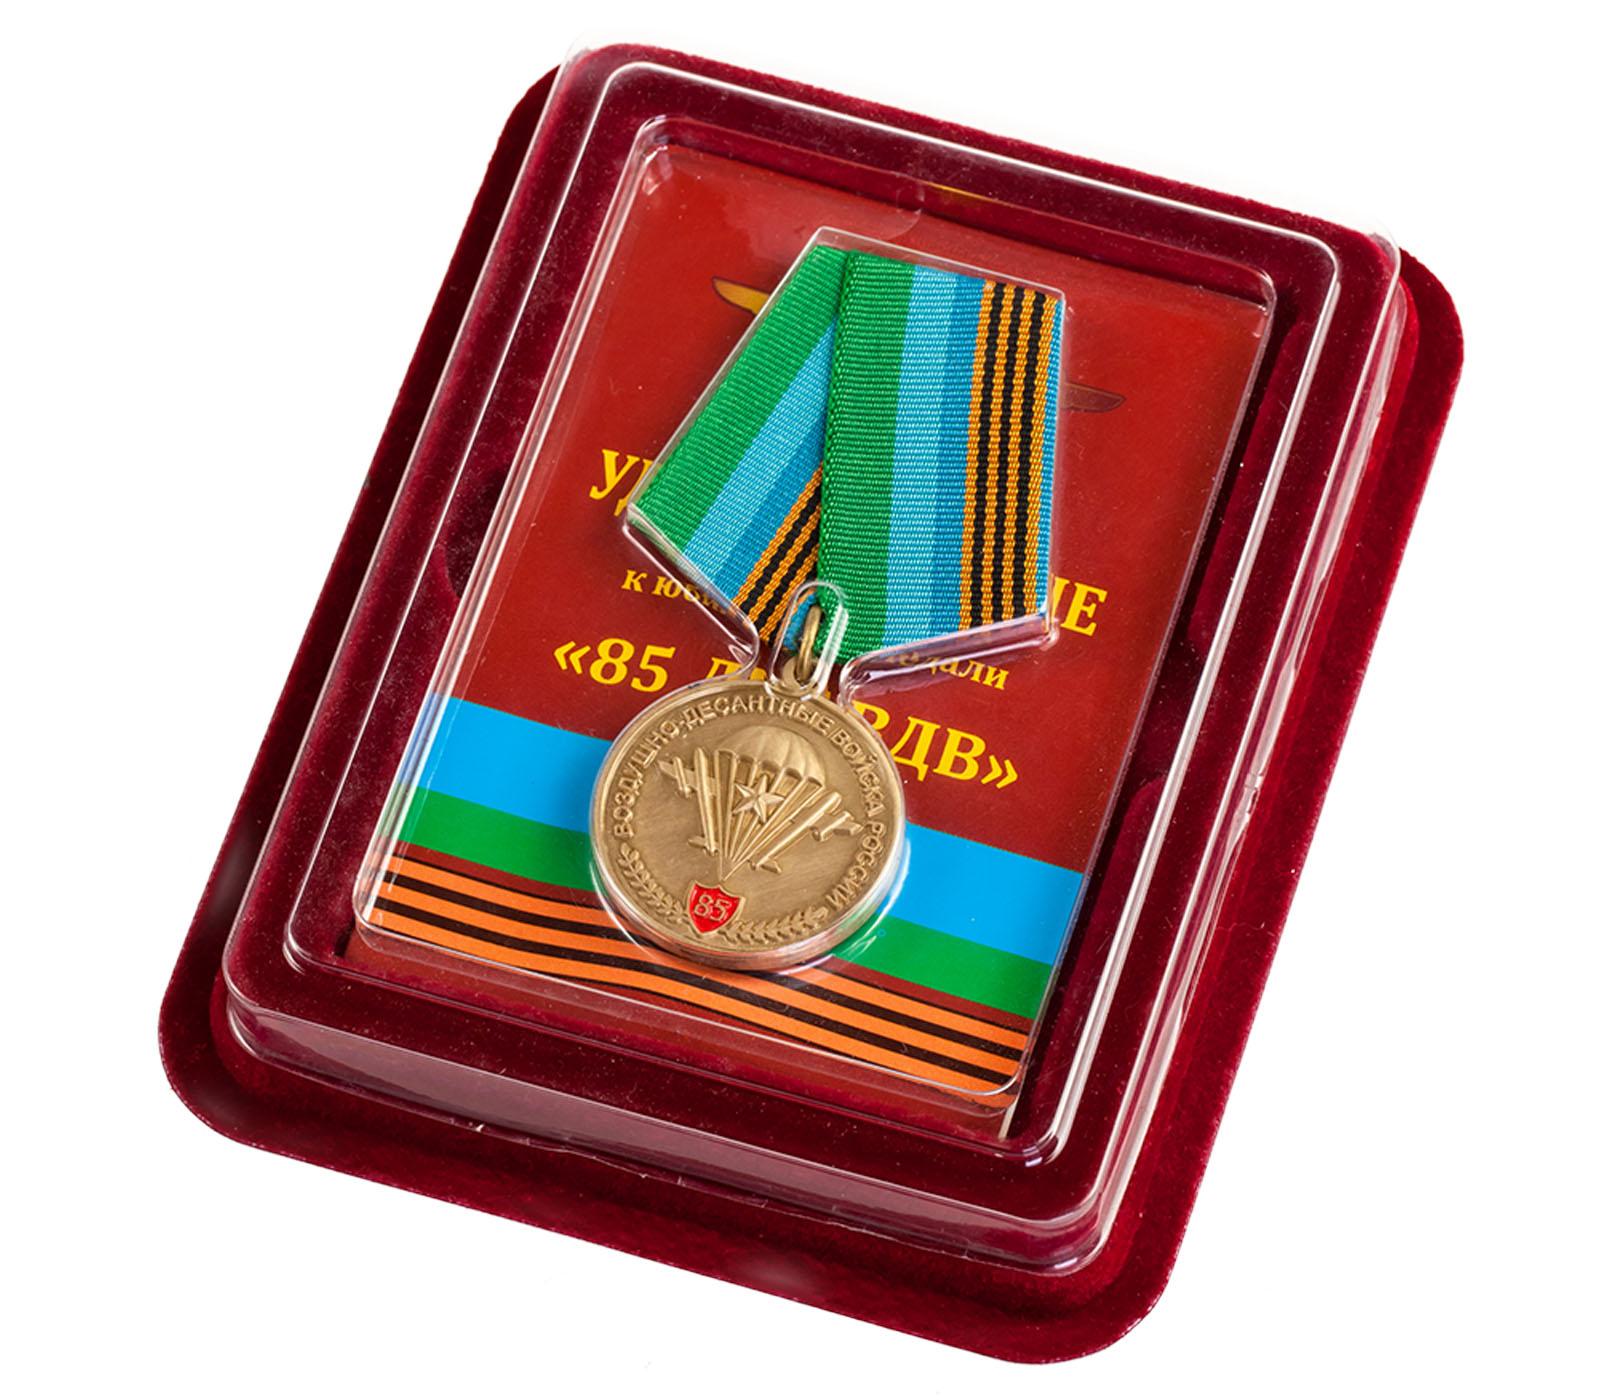 """Юбилейная медаль """"85 лет ВДВ"""" в бархатистом футляре из флока с прозрачной крышкой"""